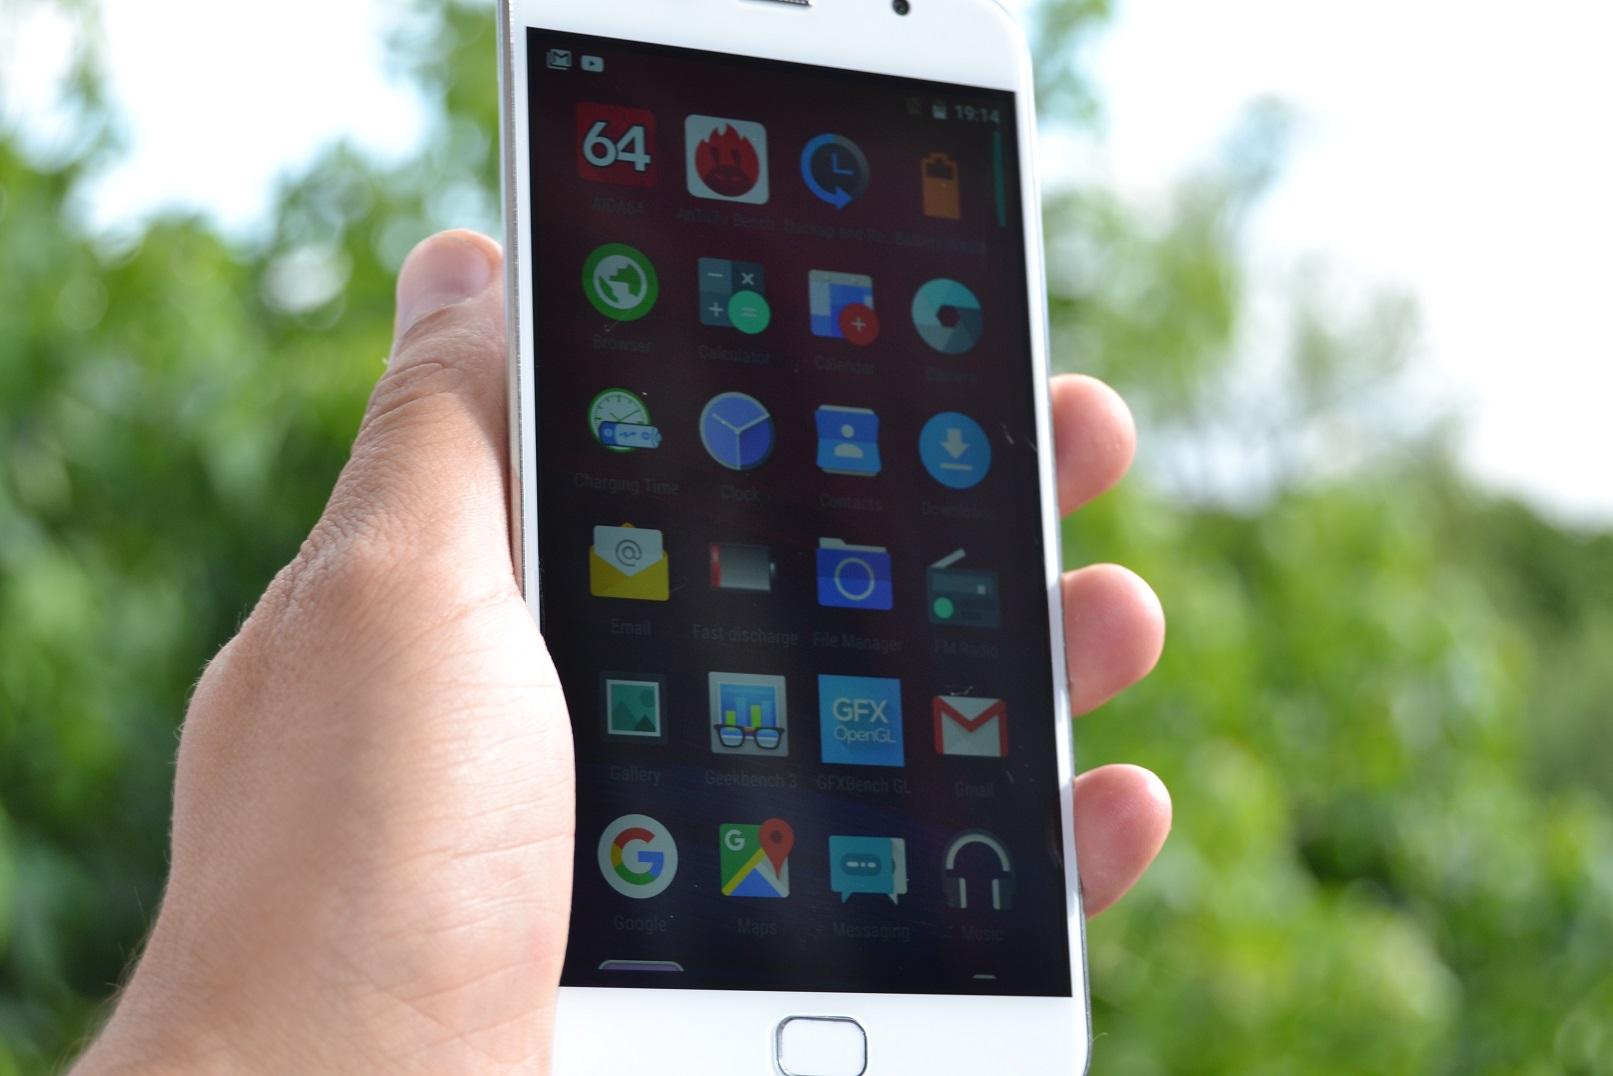 DSC_0427 REVIEW display UMi Touch si comparat cu UMi Super, tot partea de display